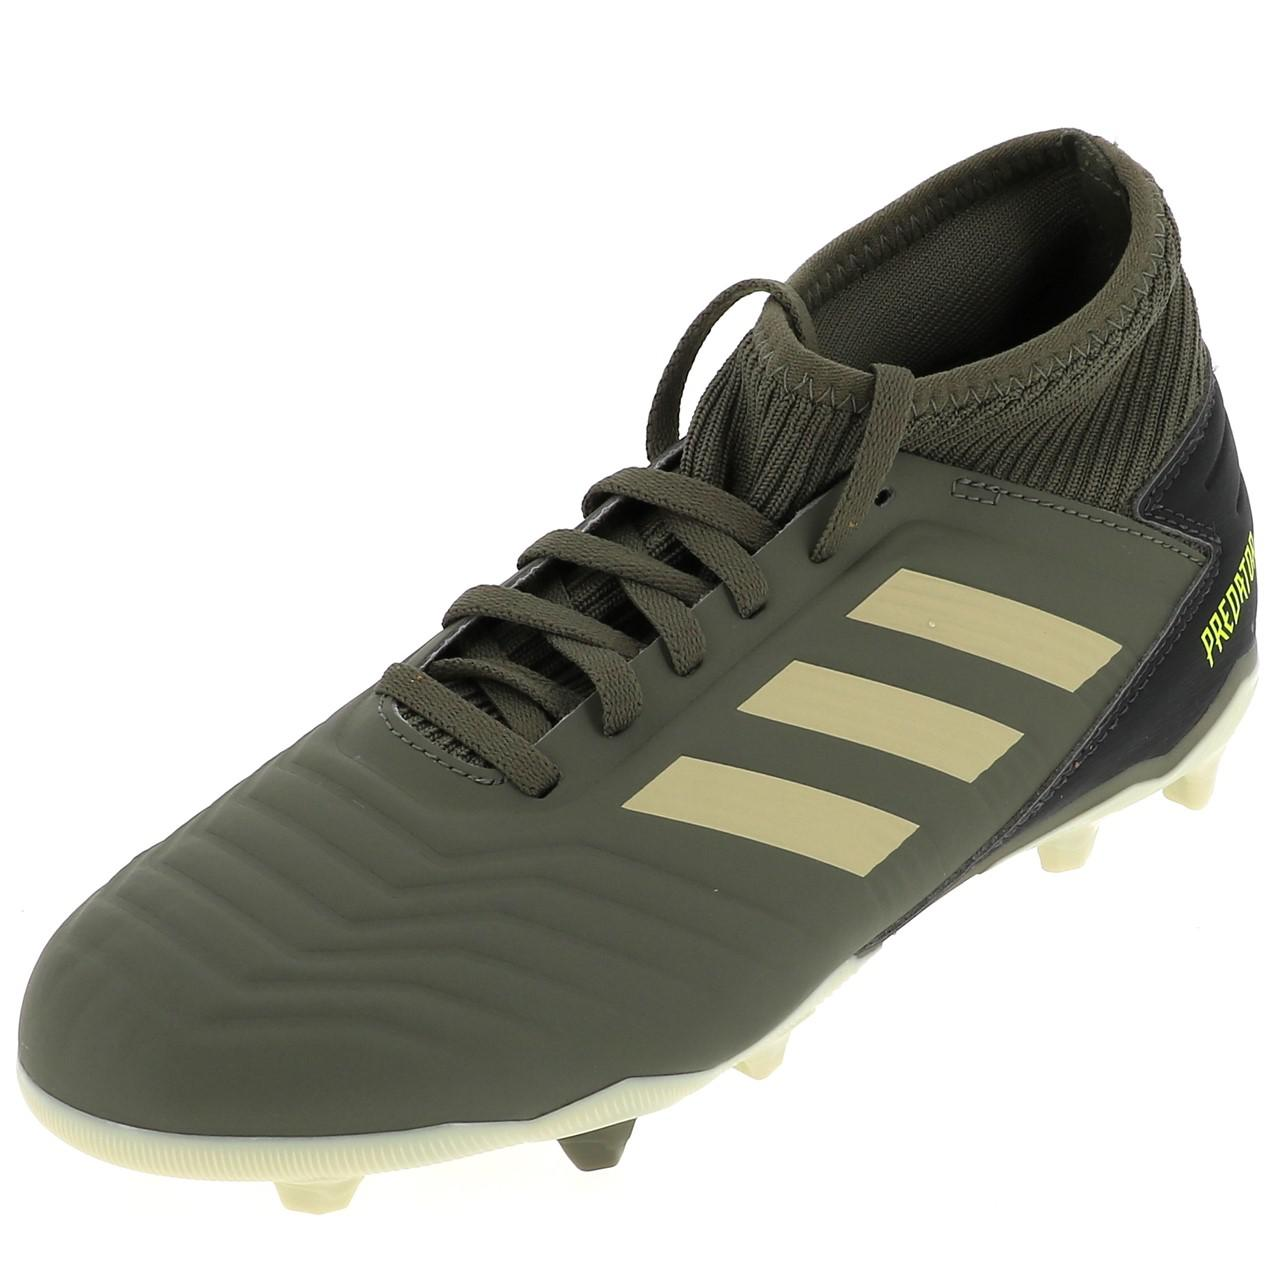 Détails sur Chaussures football lamelles Adidas Predator 19.3 fg h Vert 53056 Neuf